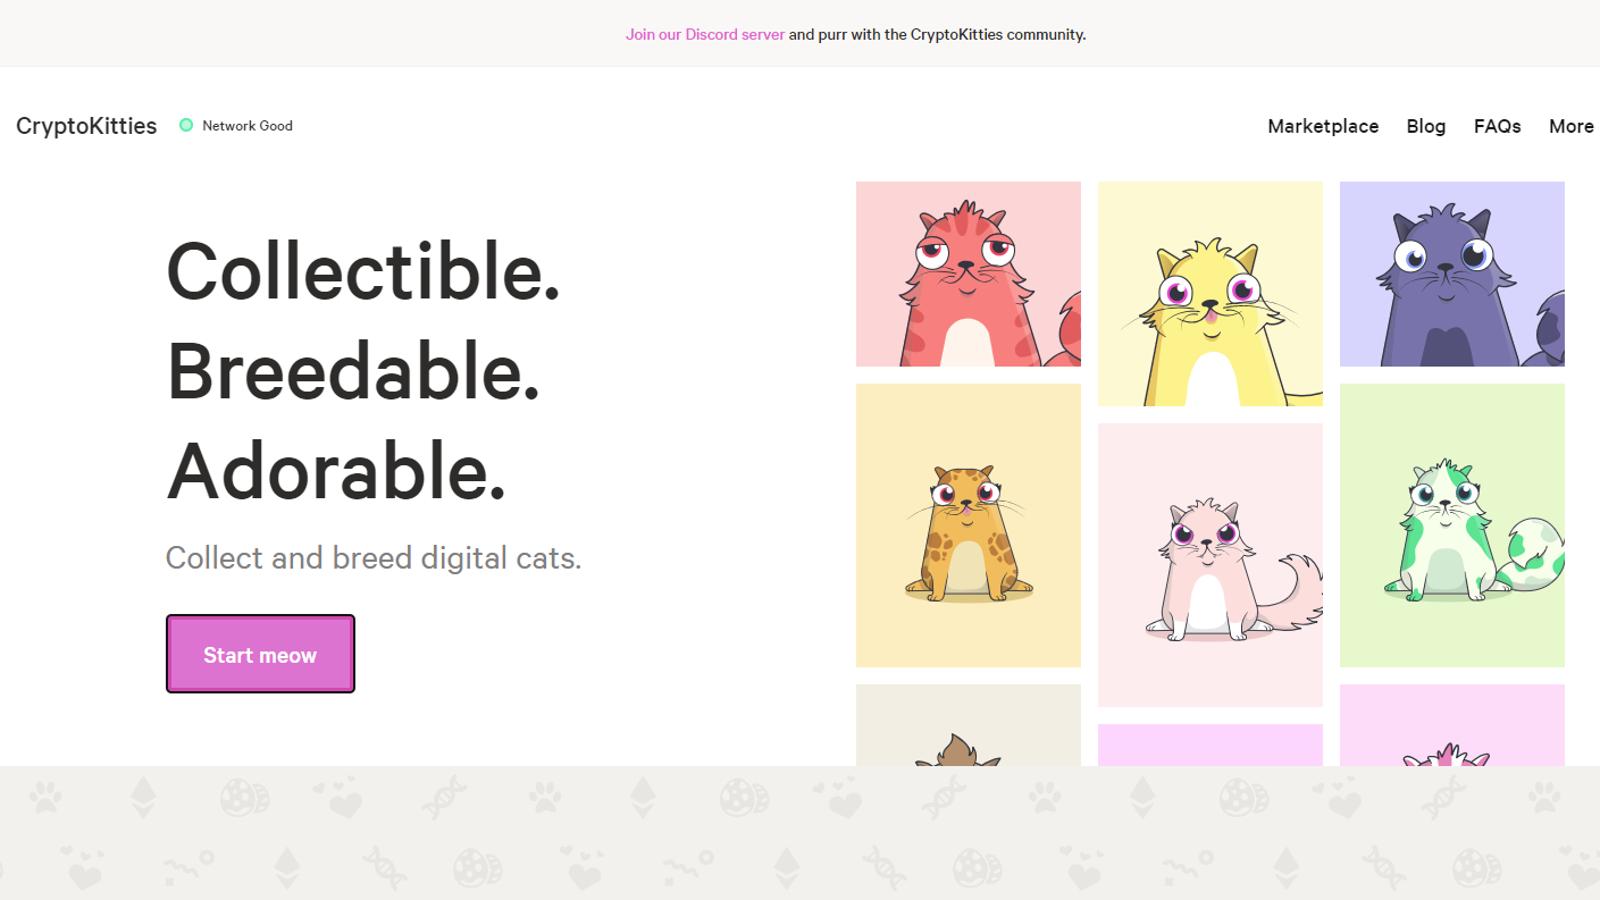 kripto kitties pelnas gcm forex programa